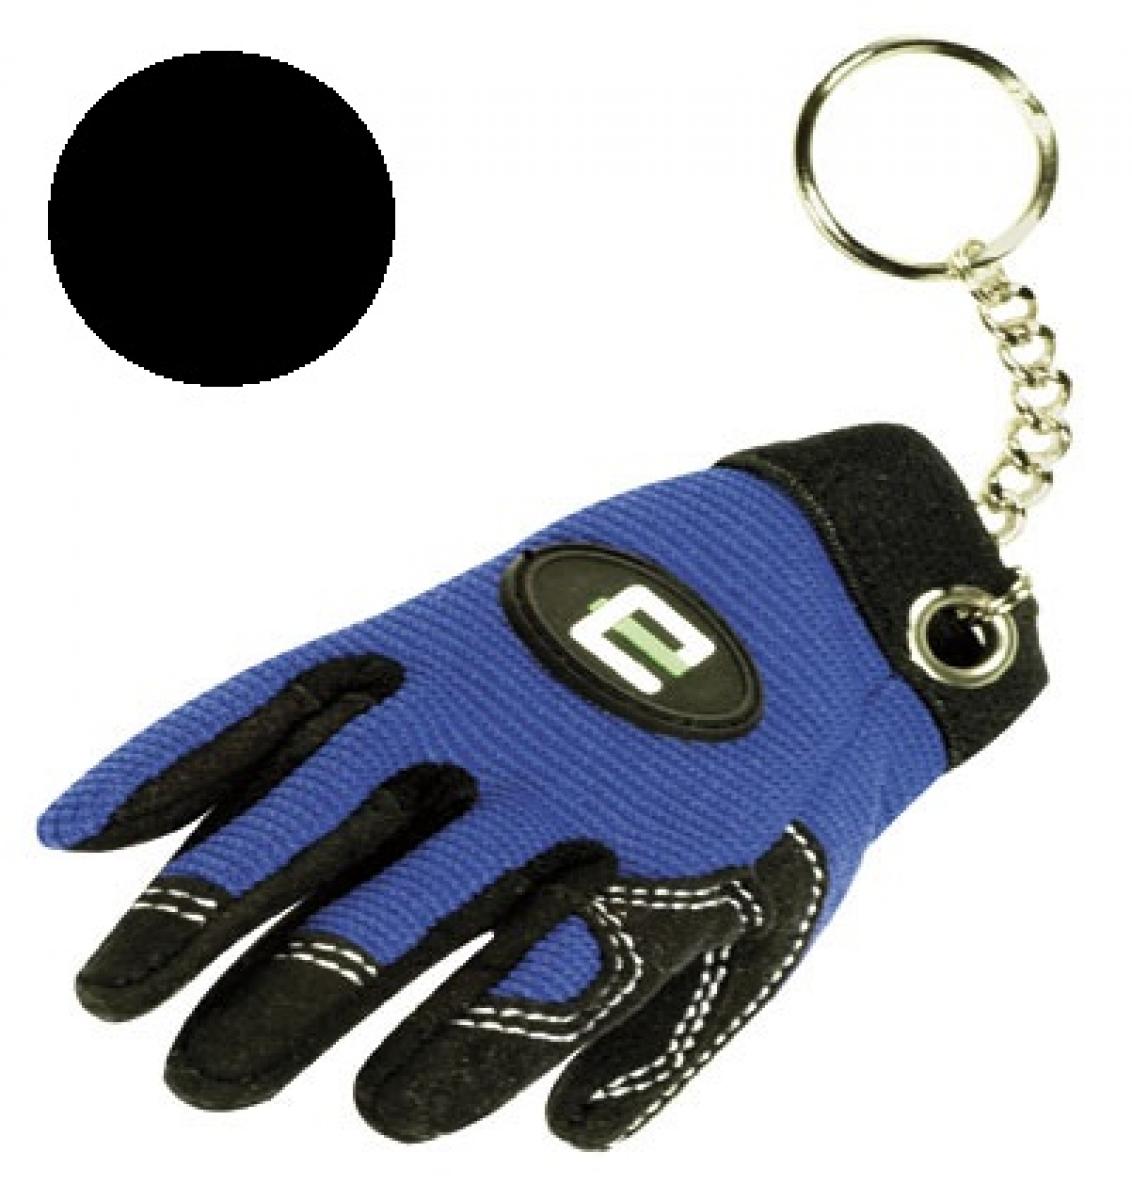 F-Feldtmann-Schlüsselanhänger, VE: 100 Stück, schwarz